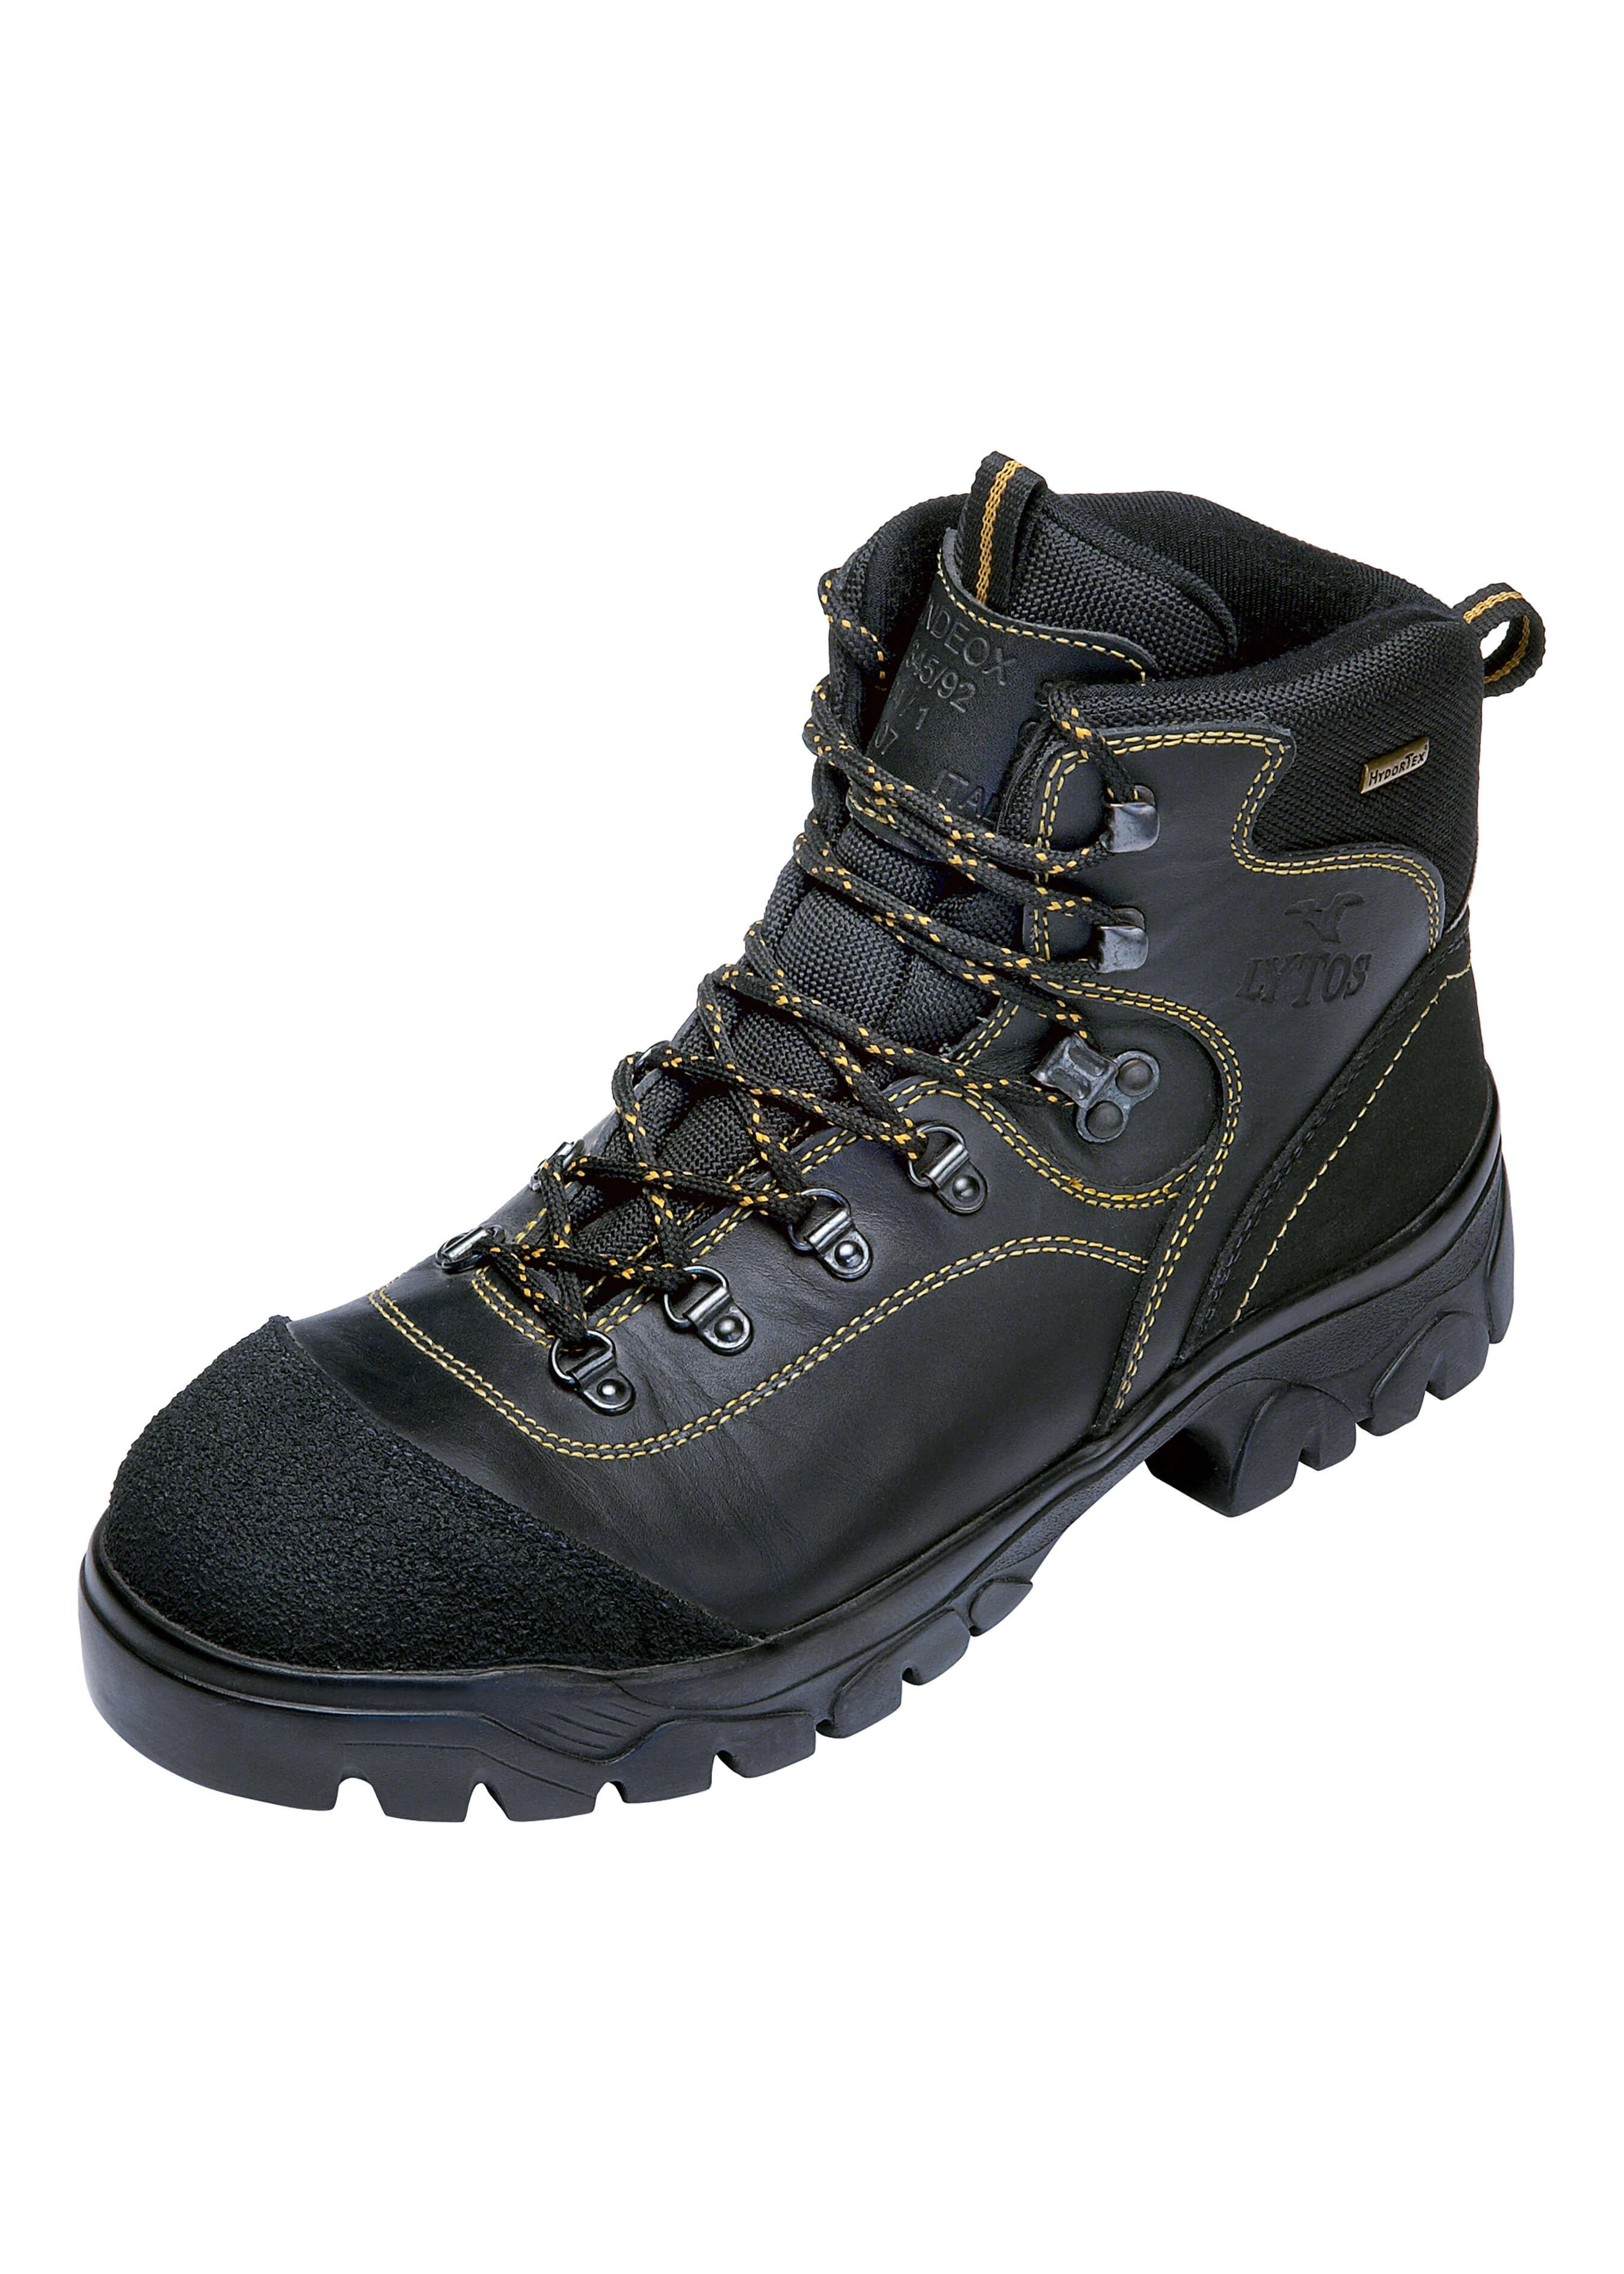 Chaussure de sécurité S3 L433939 1